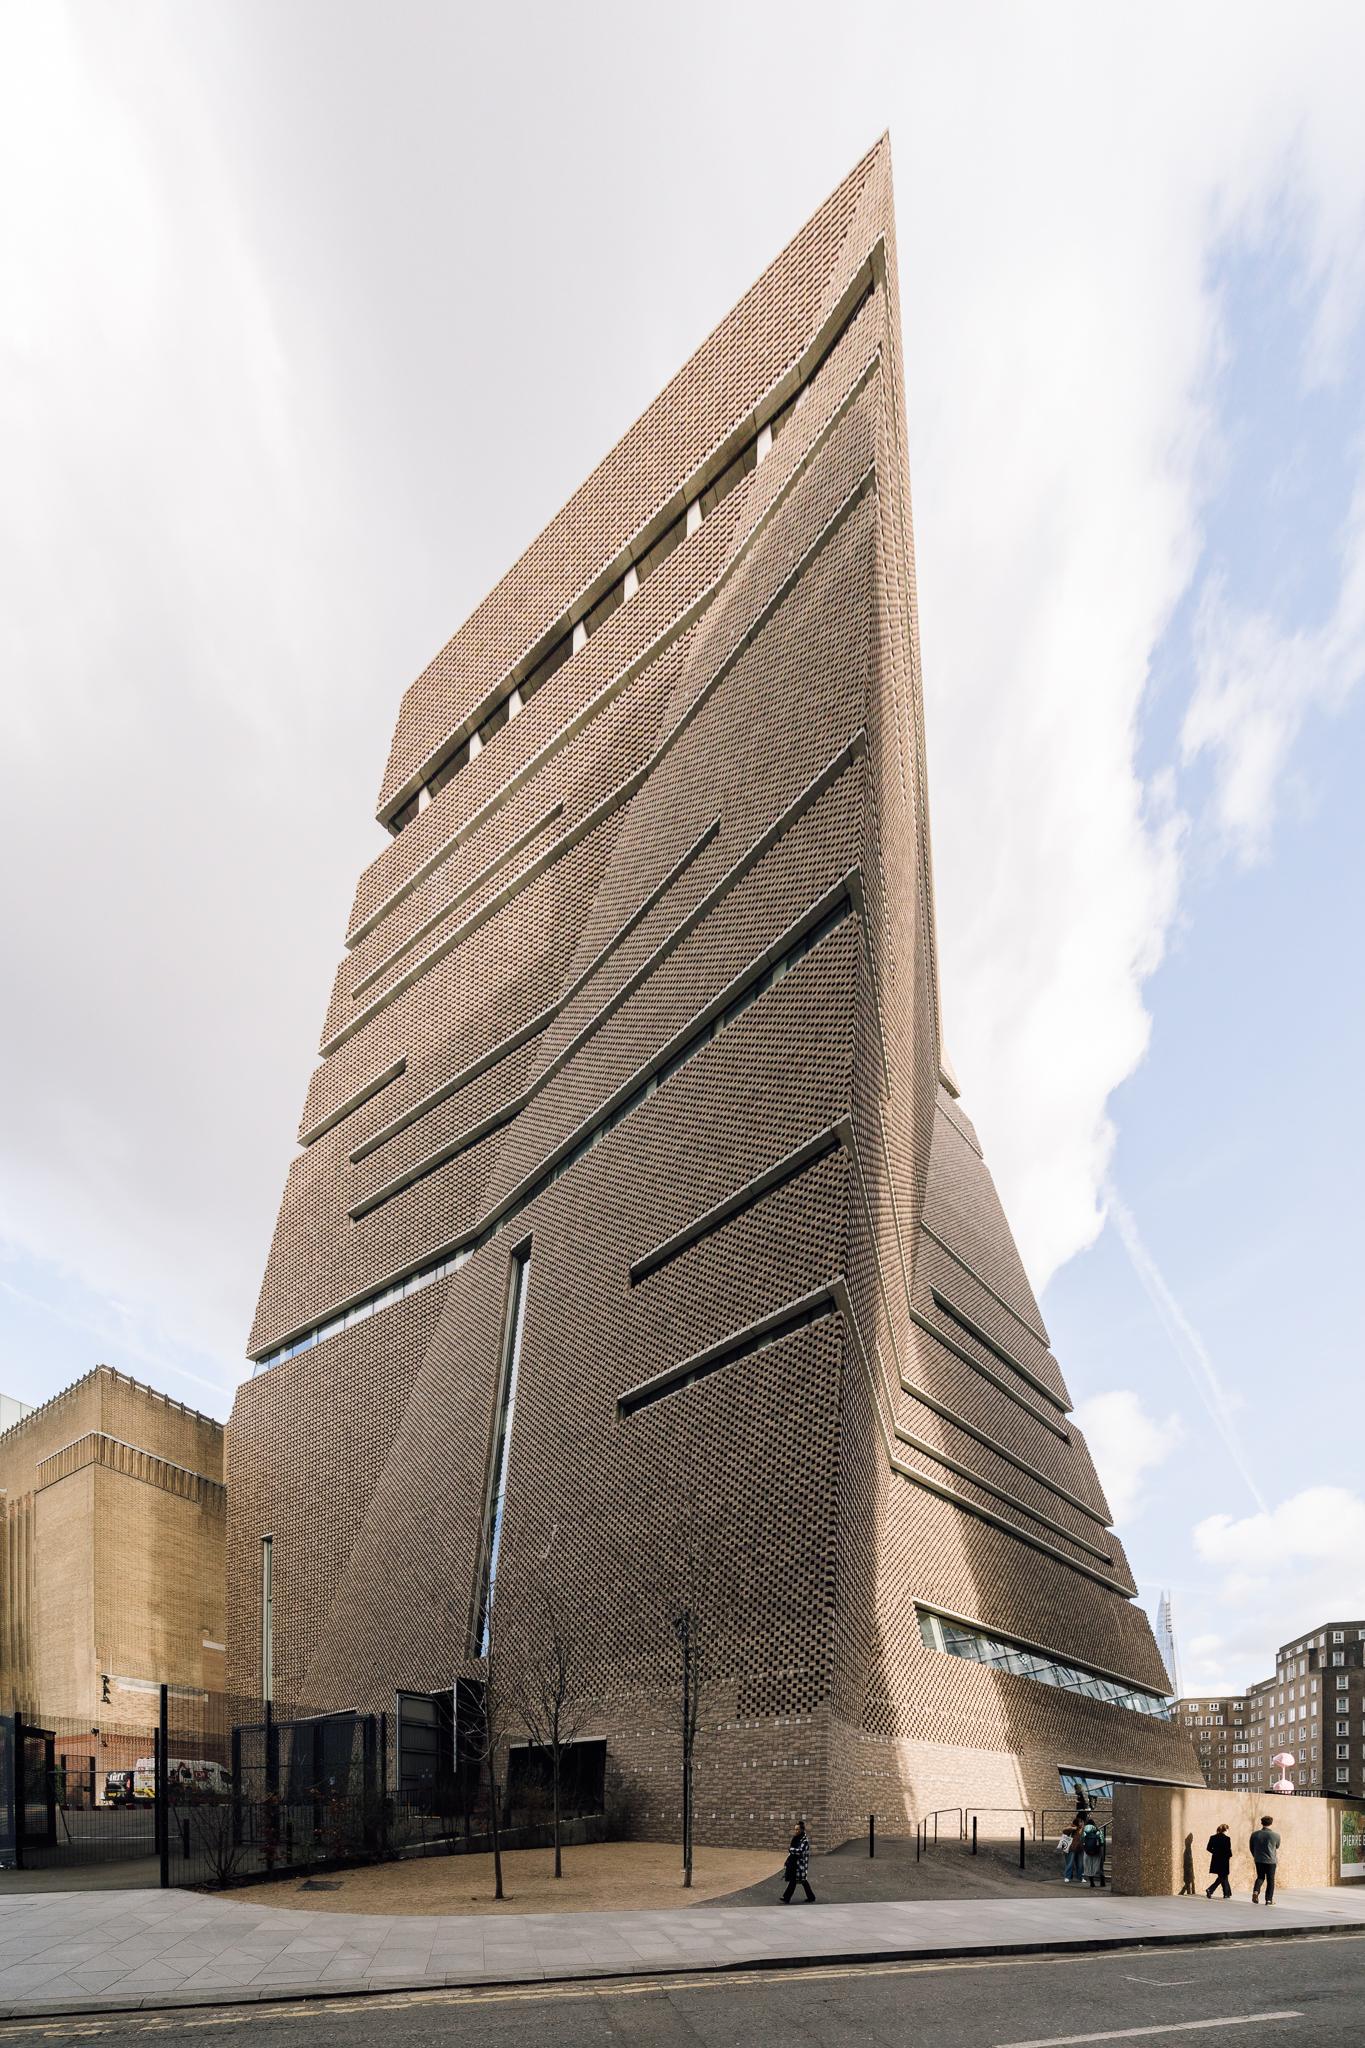 Tate Modern by Herzog & deMeuron